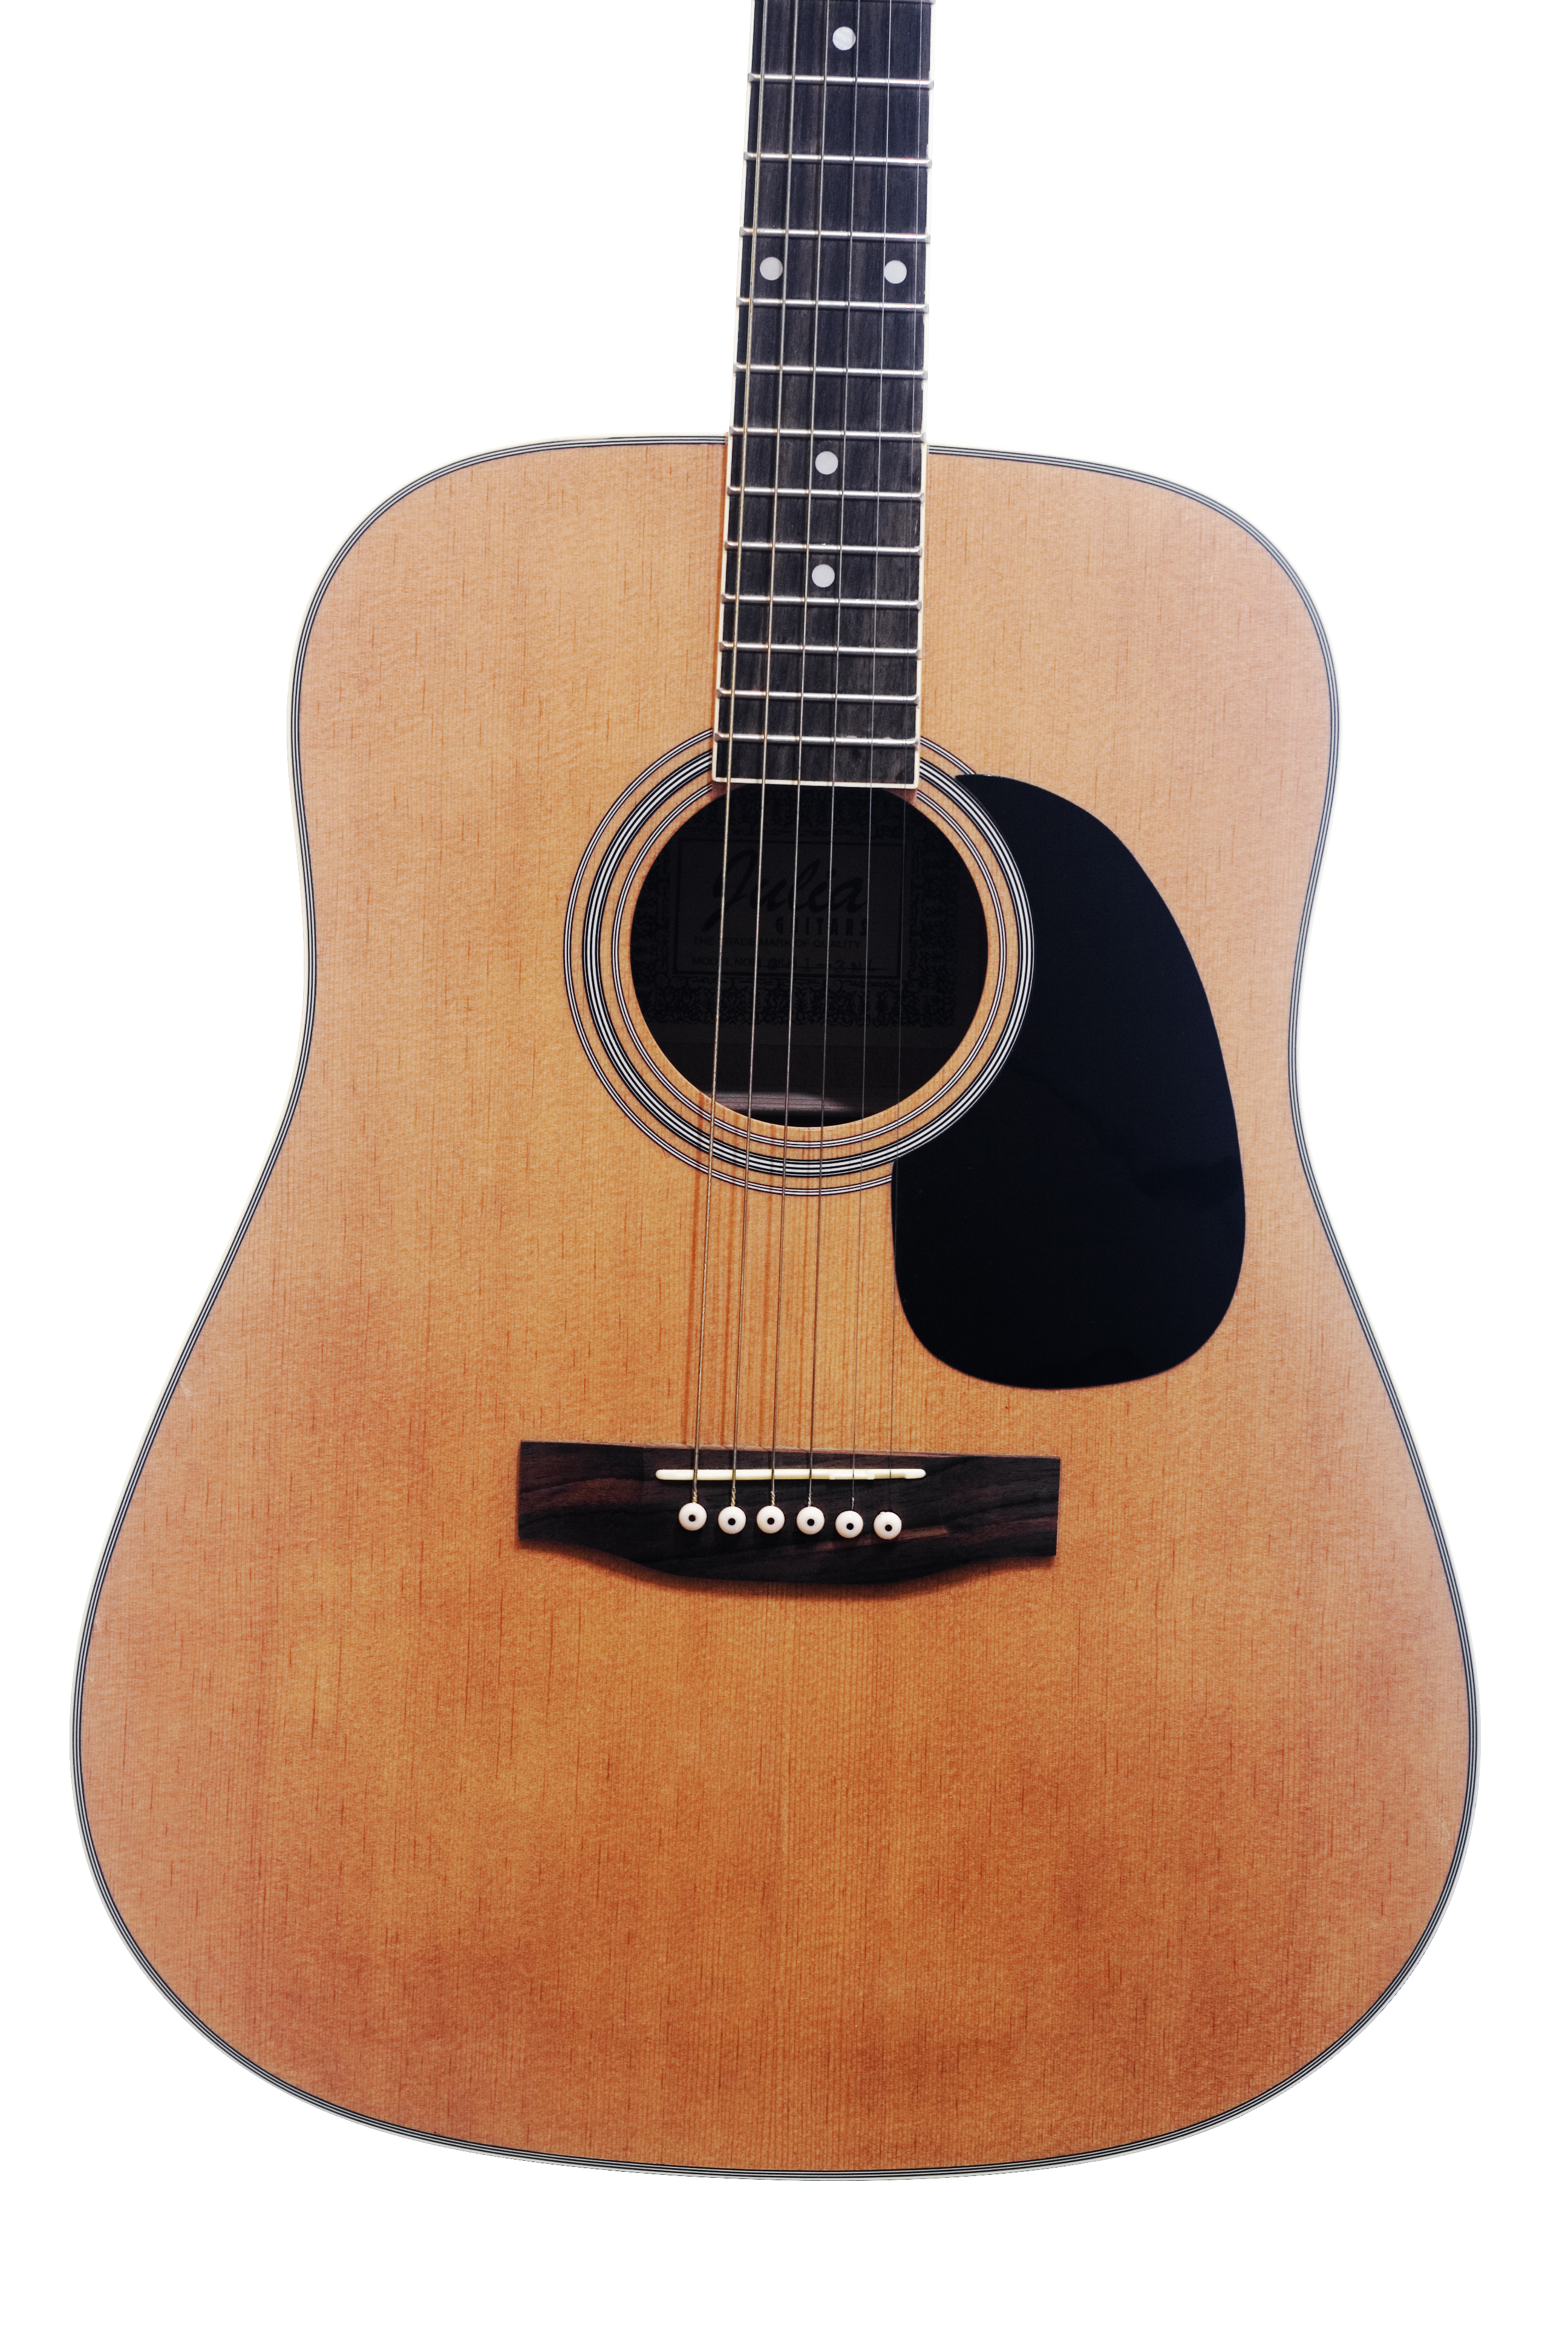 guitar, acoustic guitar